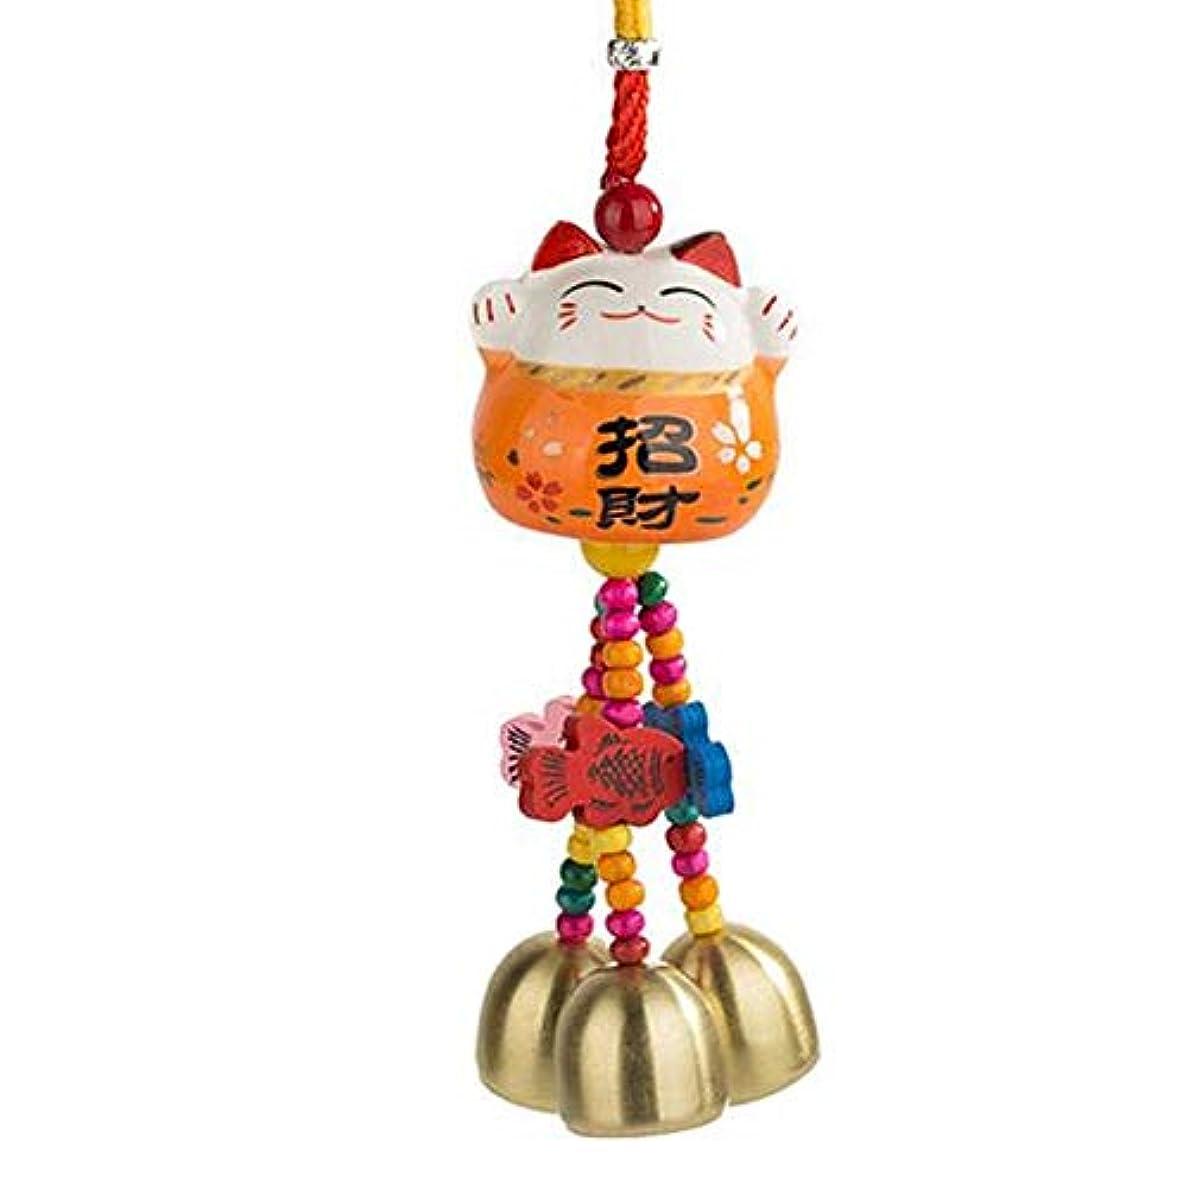 吸うチョーク促すQiyuezhuangshi 風チャイム、かわいいクリエイティブセラミック猫風の鐘、赤、長い28センチメートル,美しいホリデーギフト (Color : Orange)